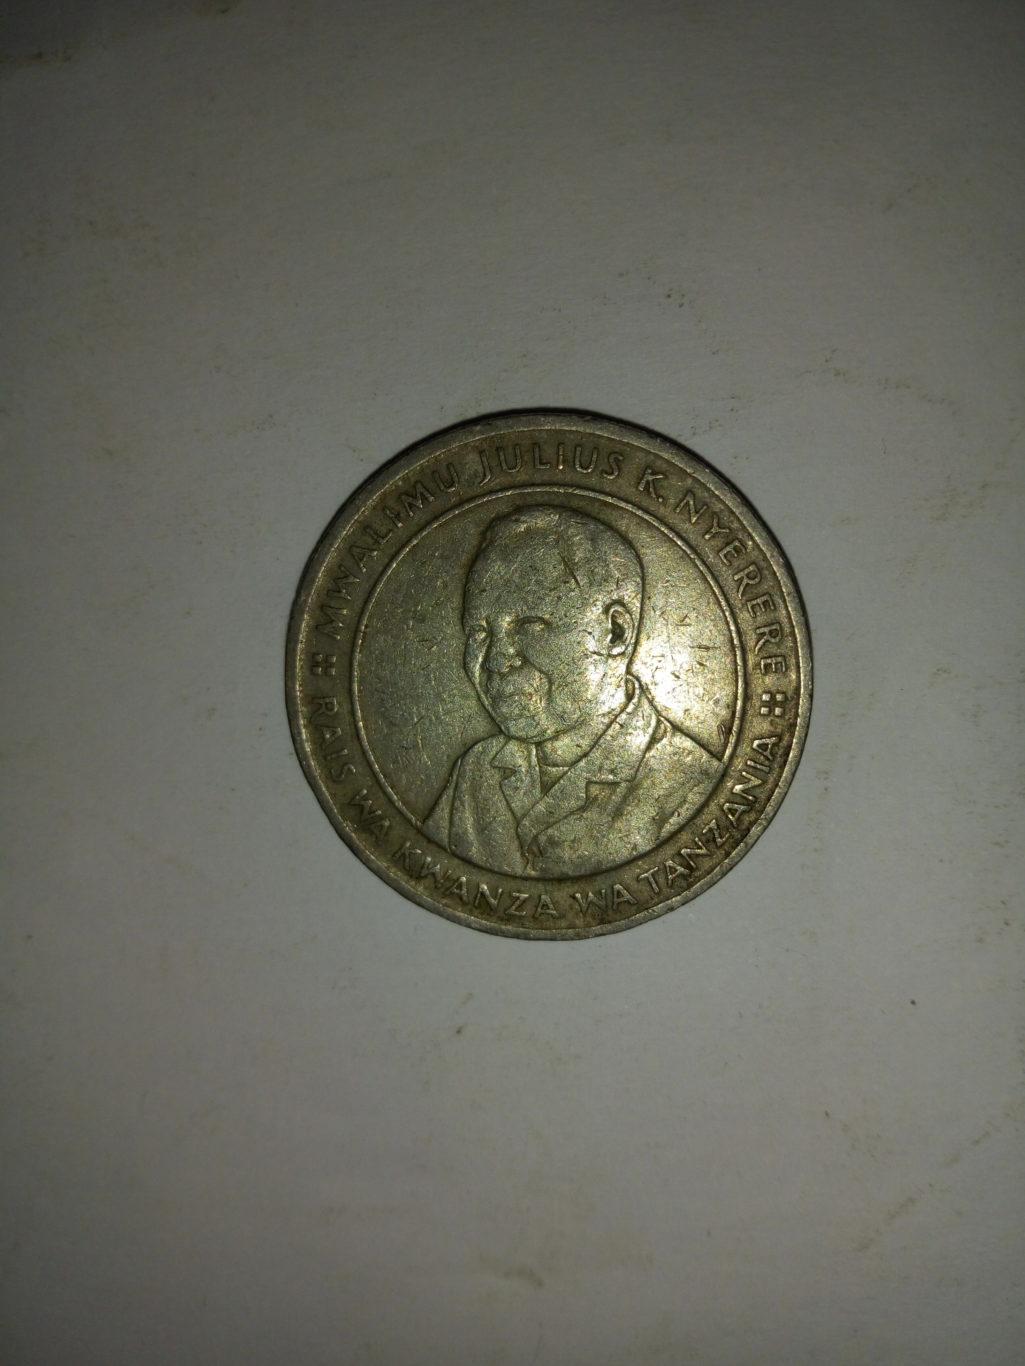 1988_shilingi 10 ya tanzania